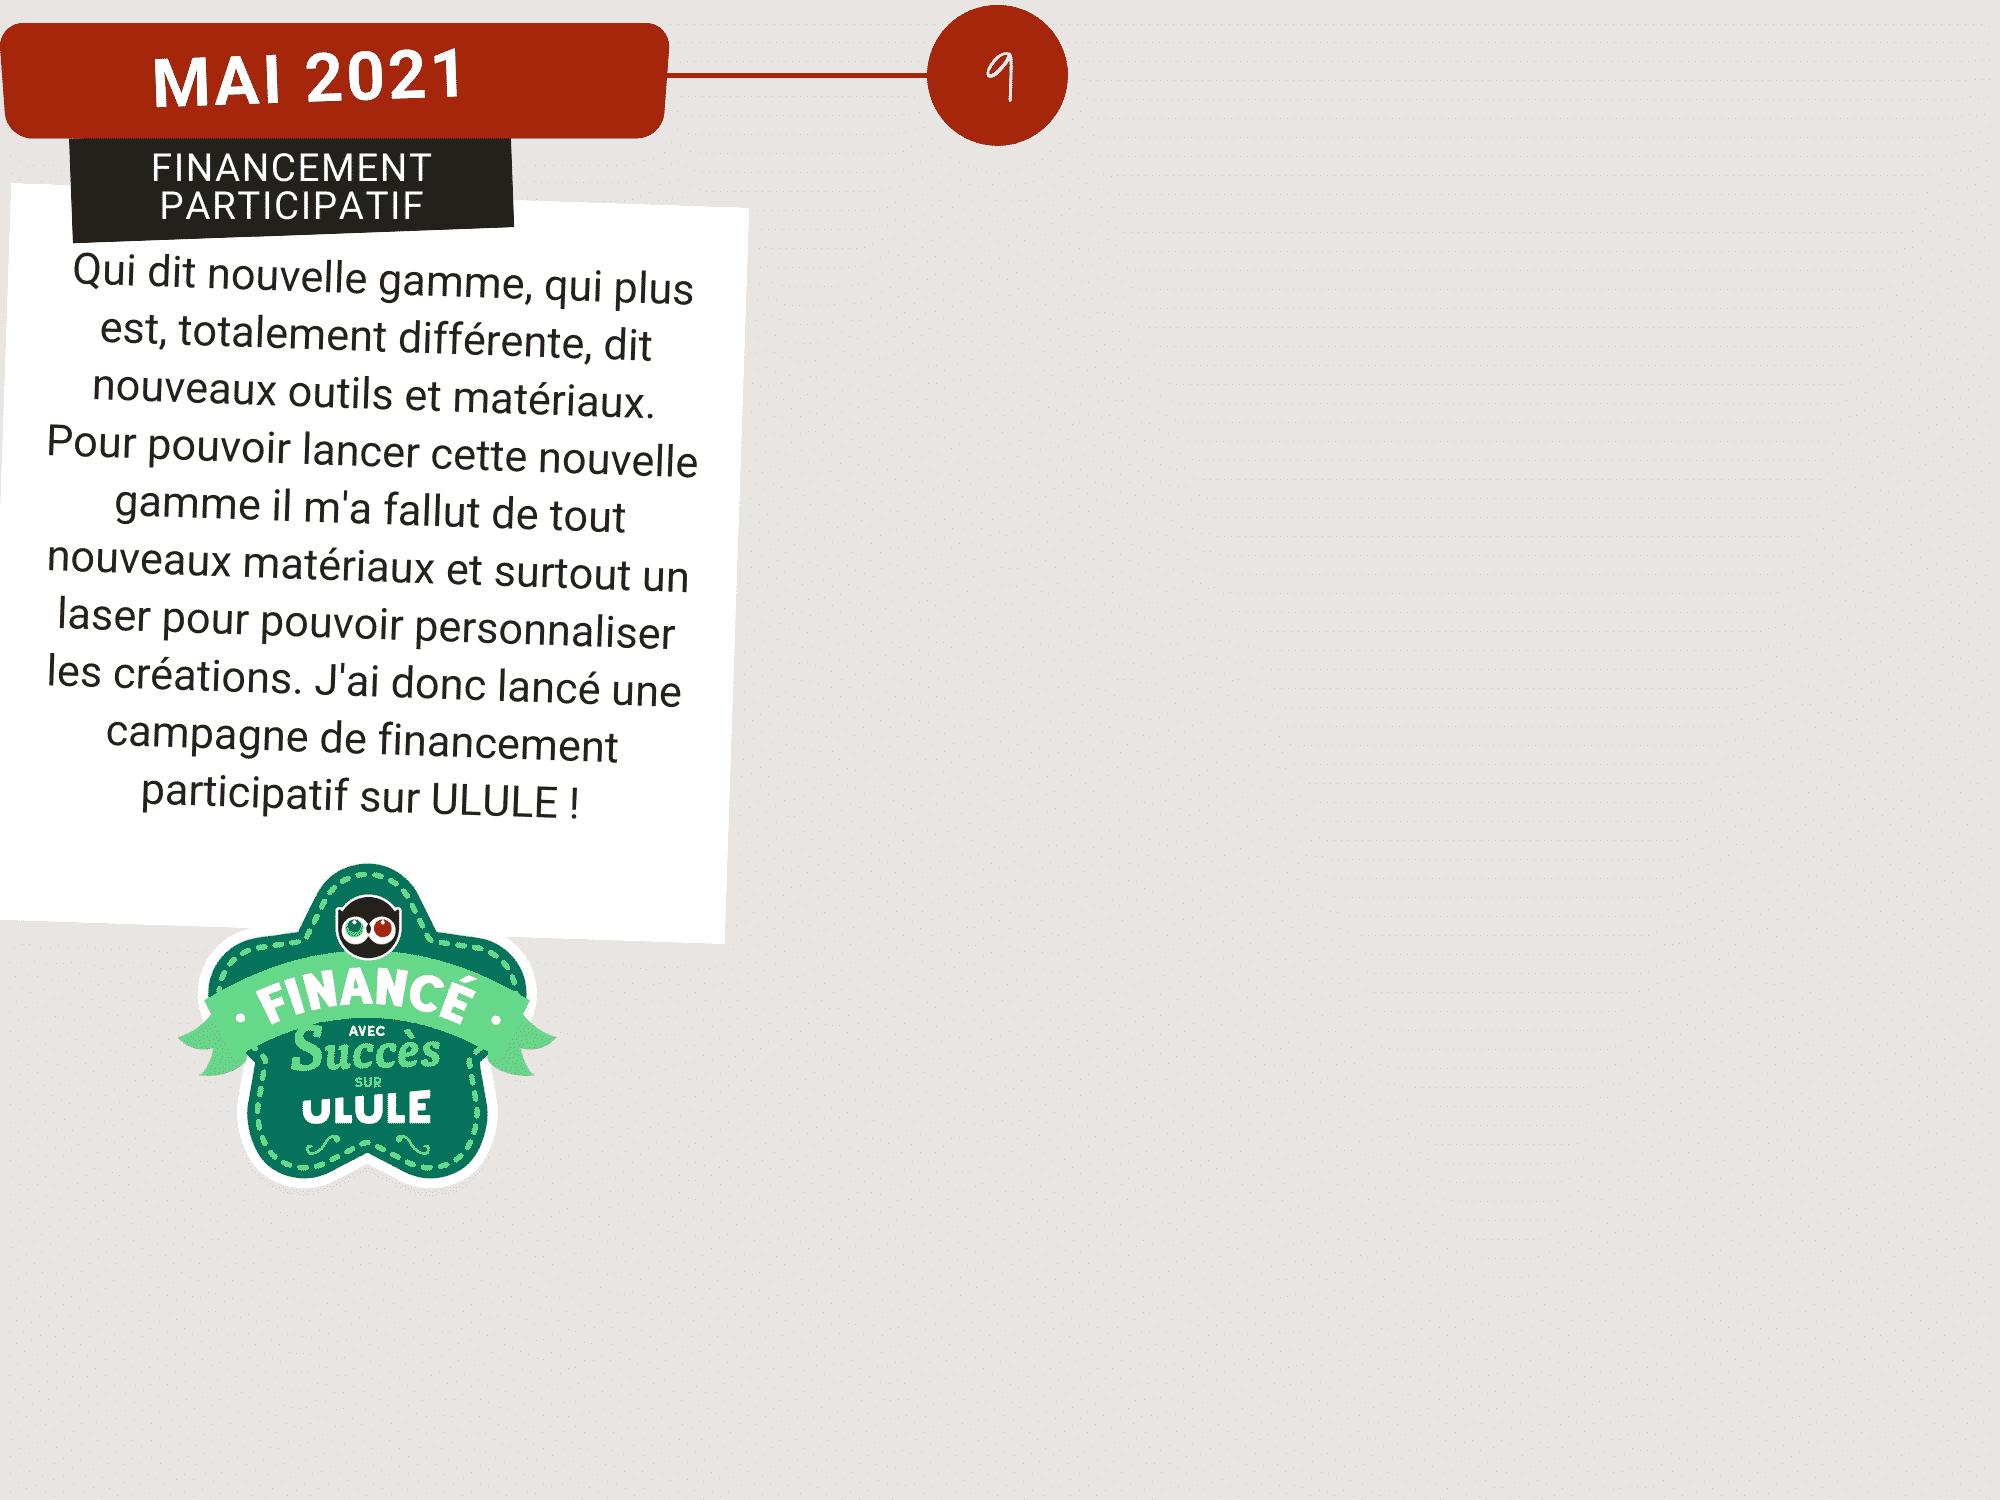 Mai 2021 : financement participatif Ulule. Pour la nouvelle gamme.